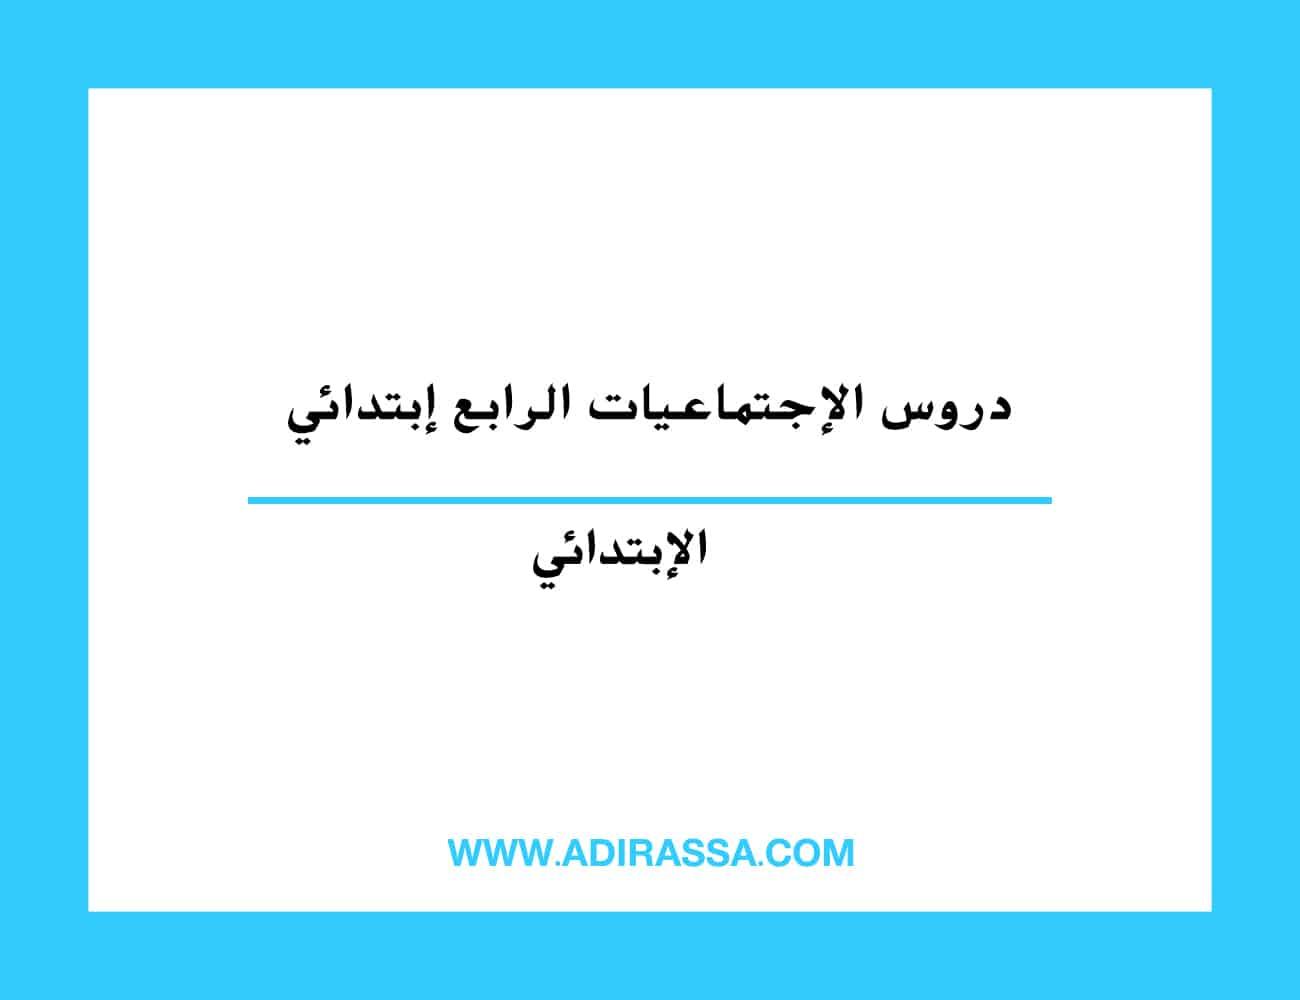 دروس الإجتماعيات الرابع ابتدائي المقررة بالمدرسة المغربية